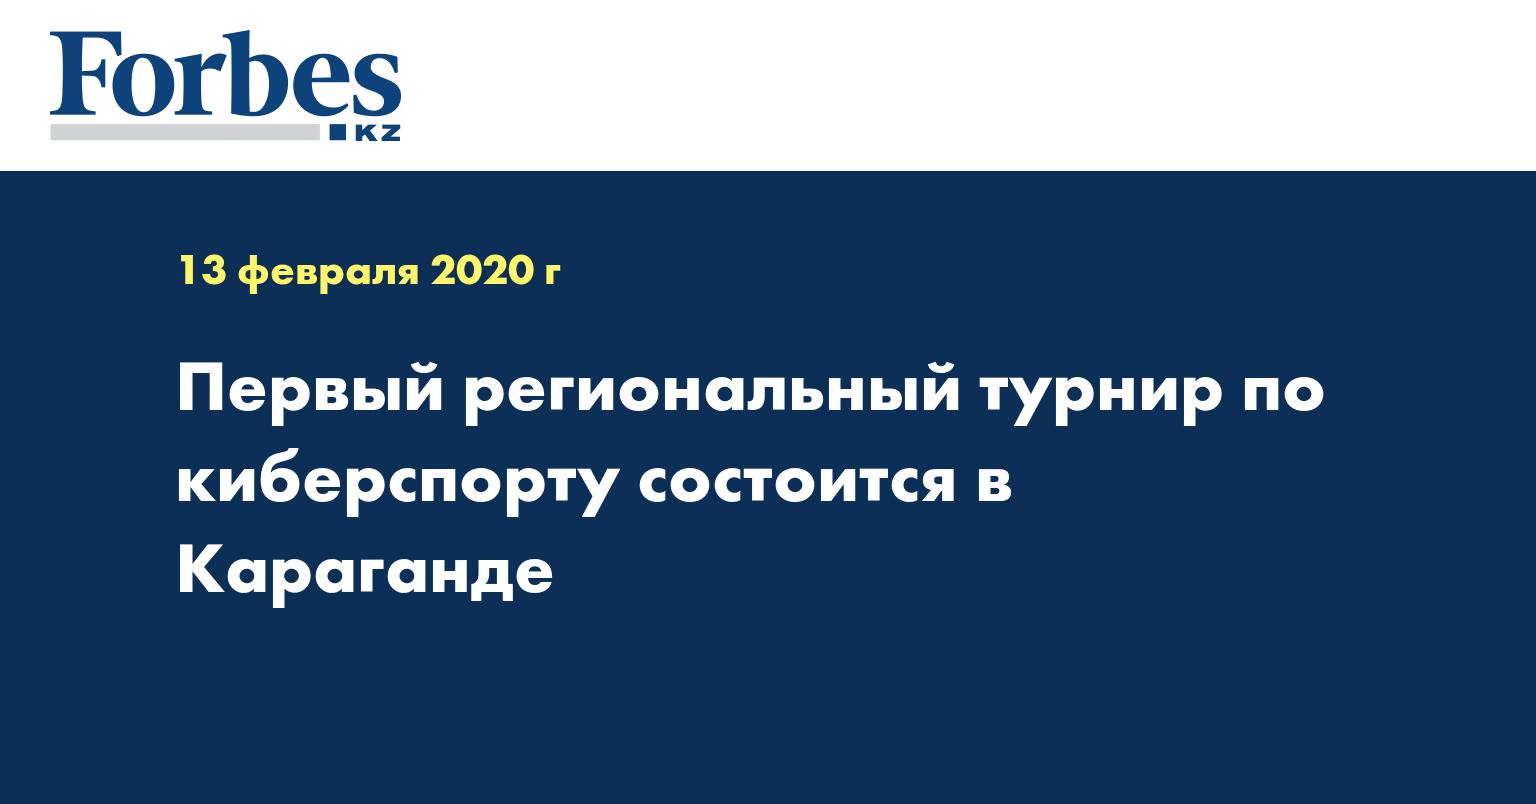 Первый региональный турнир по киберспорту состоится в Караганде